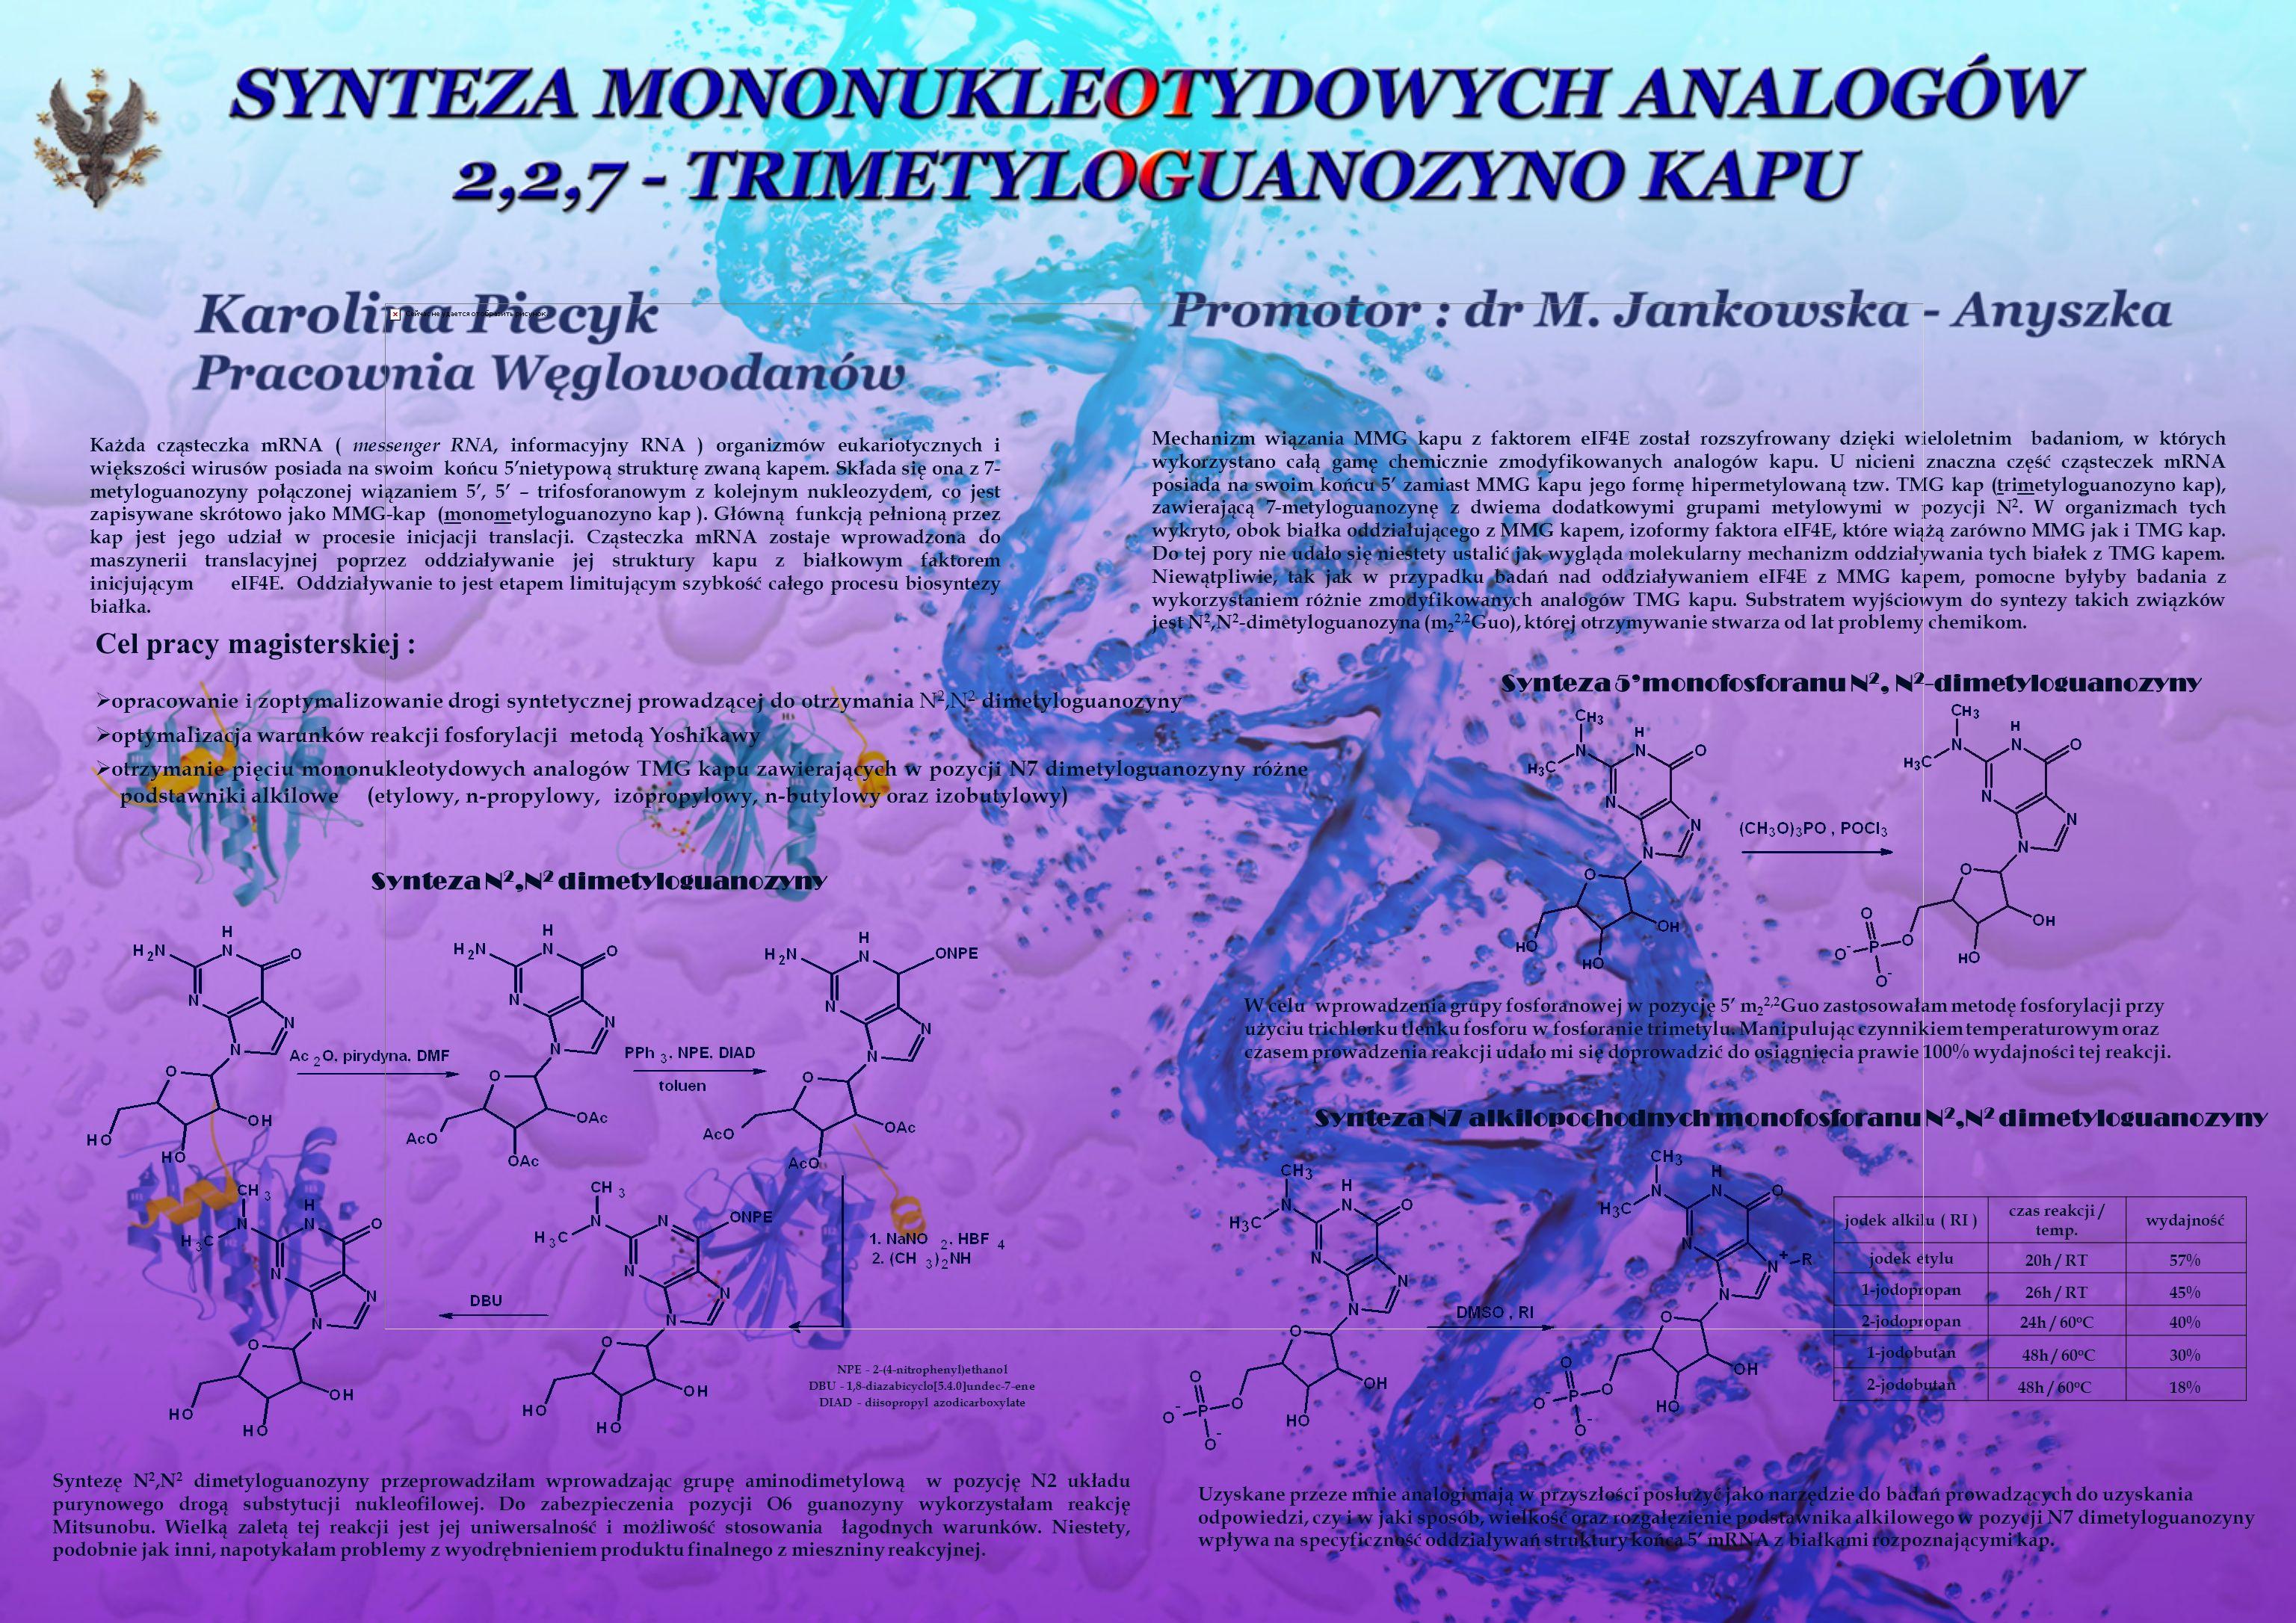 Każda cząsteczka mRNA ( messenger RNA, informacyjny RNA ) organizmów eukariotycznych i większości wirusów posiada na swoim końcu 5nietypową strukturę zwaną kapem.